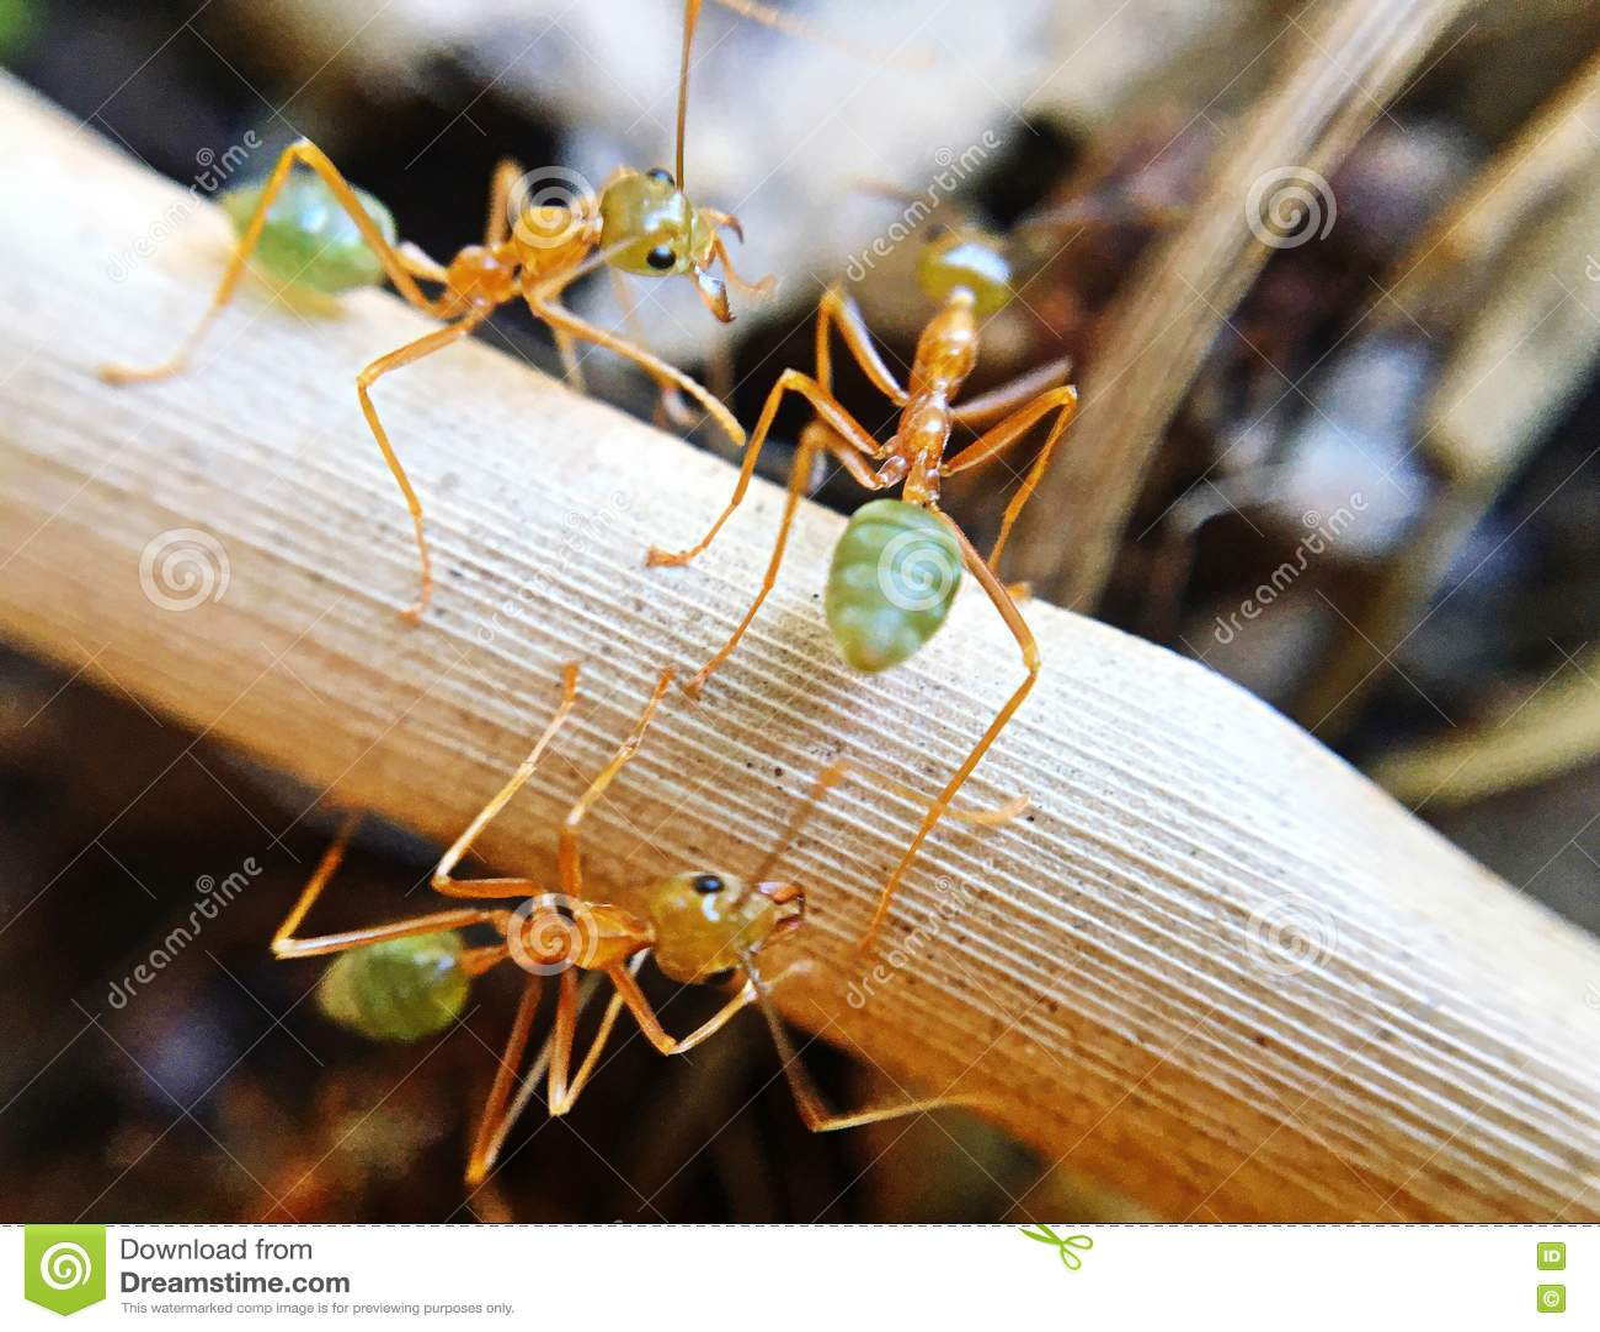 Зеленые муравьи на работе